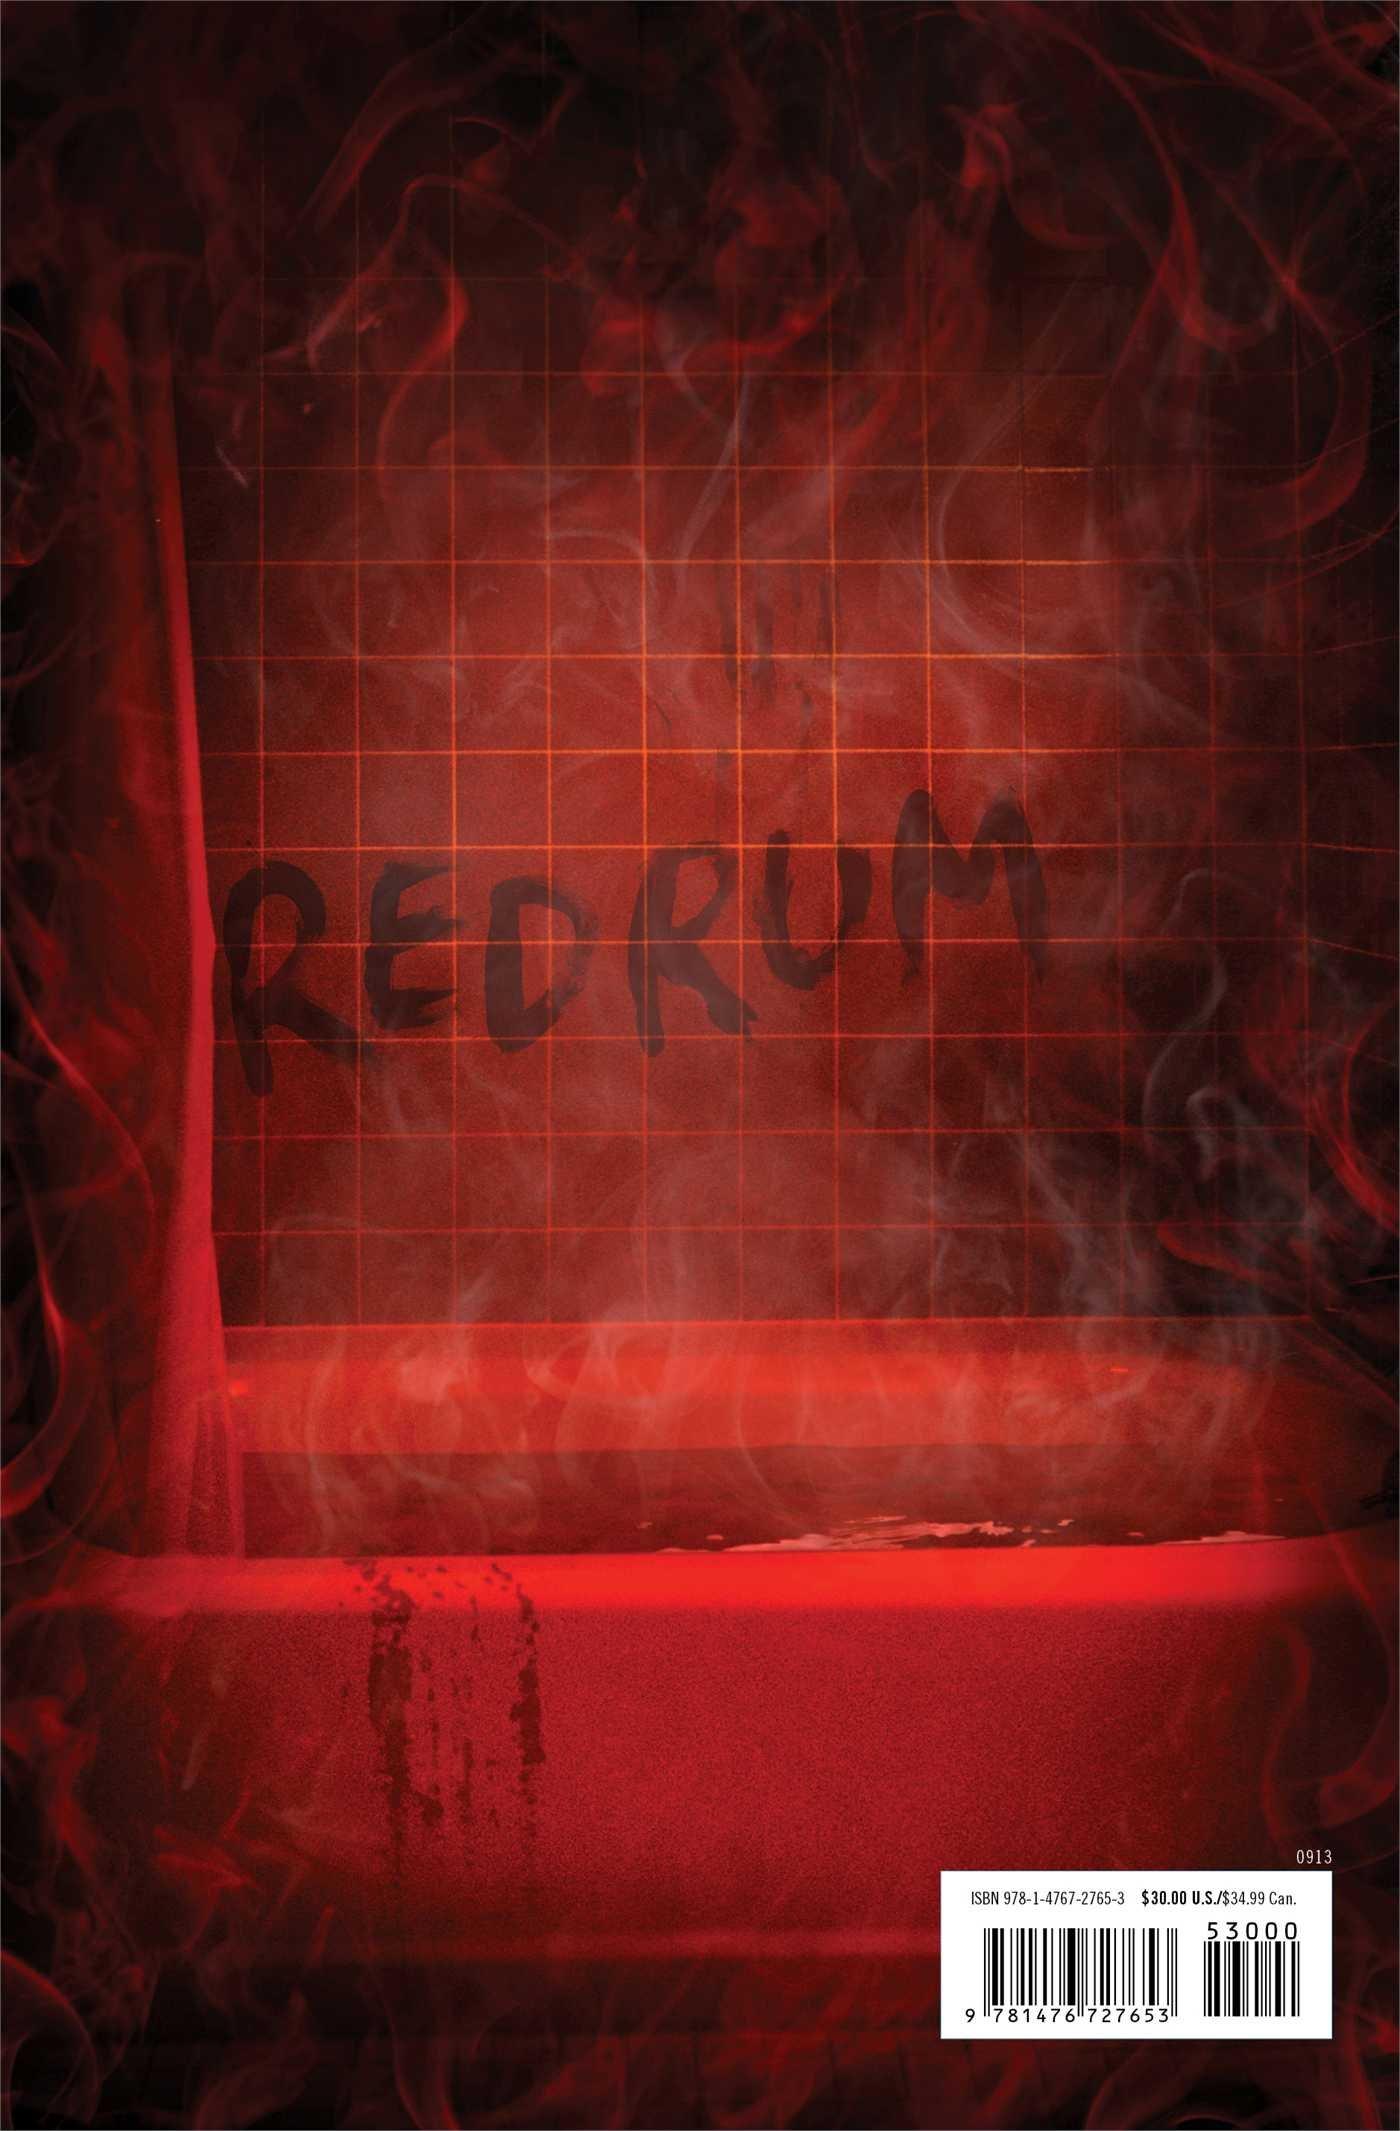 Doctor sleep a novel stephen king 9781476727653 amazon books fandeluxe Ebook collections